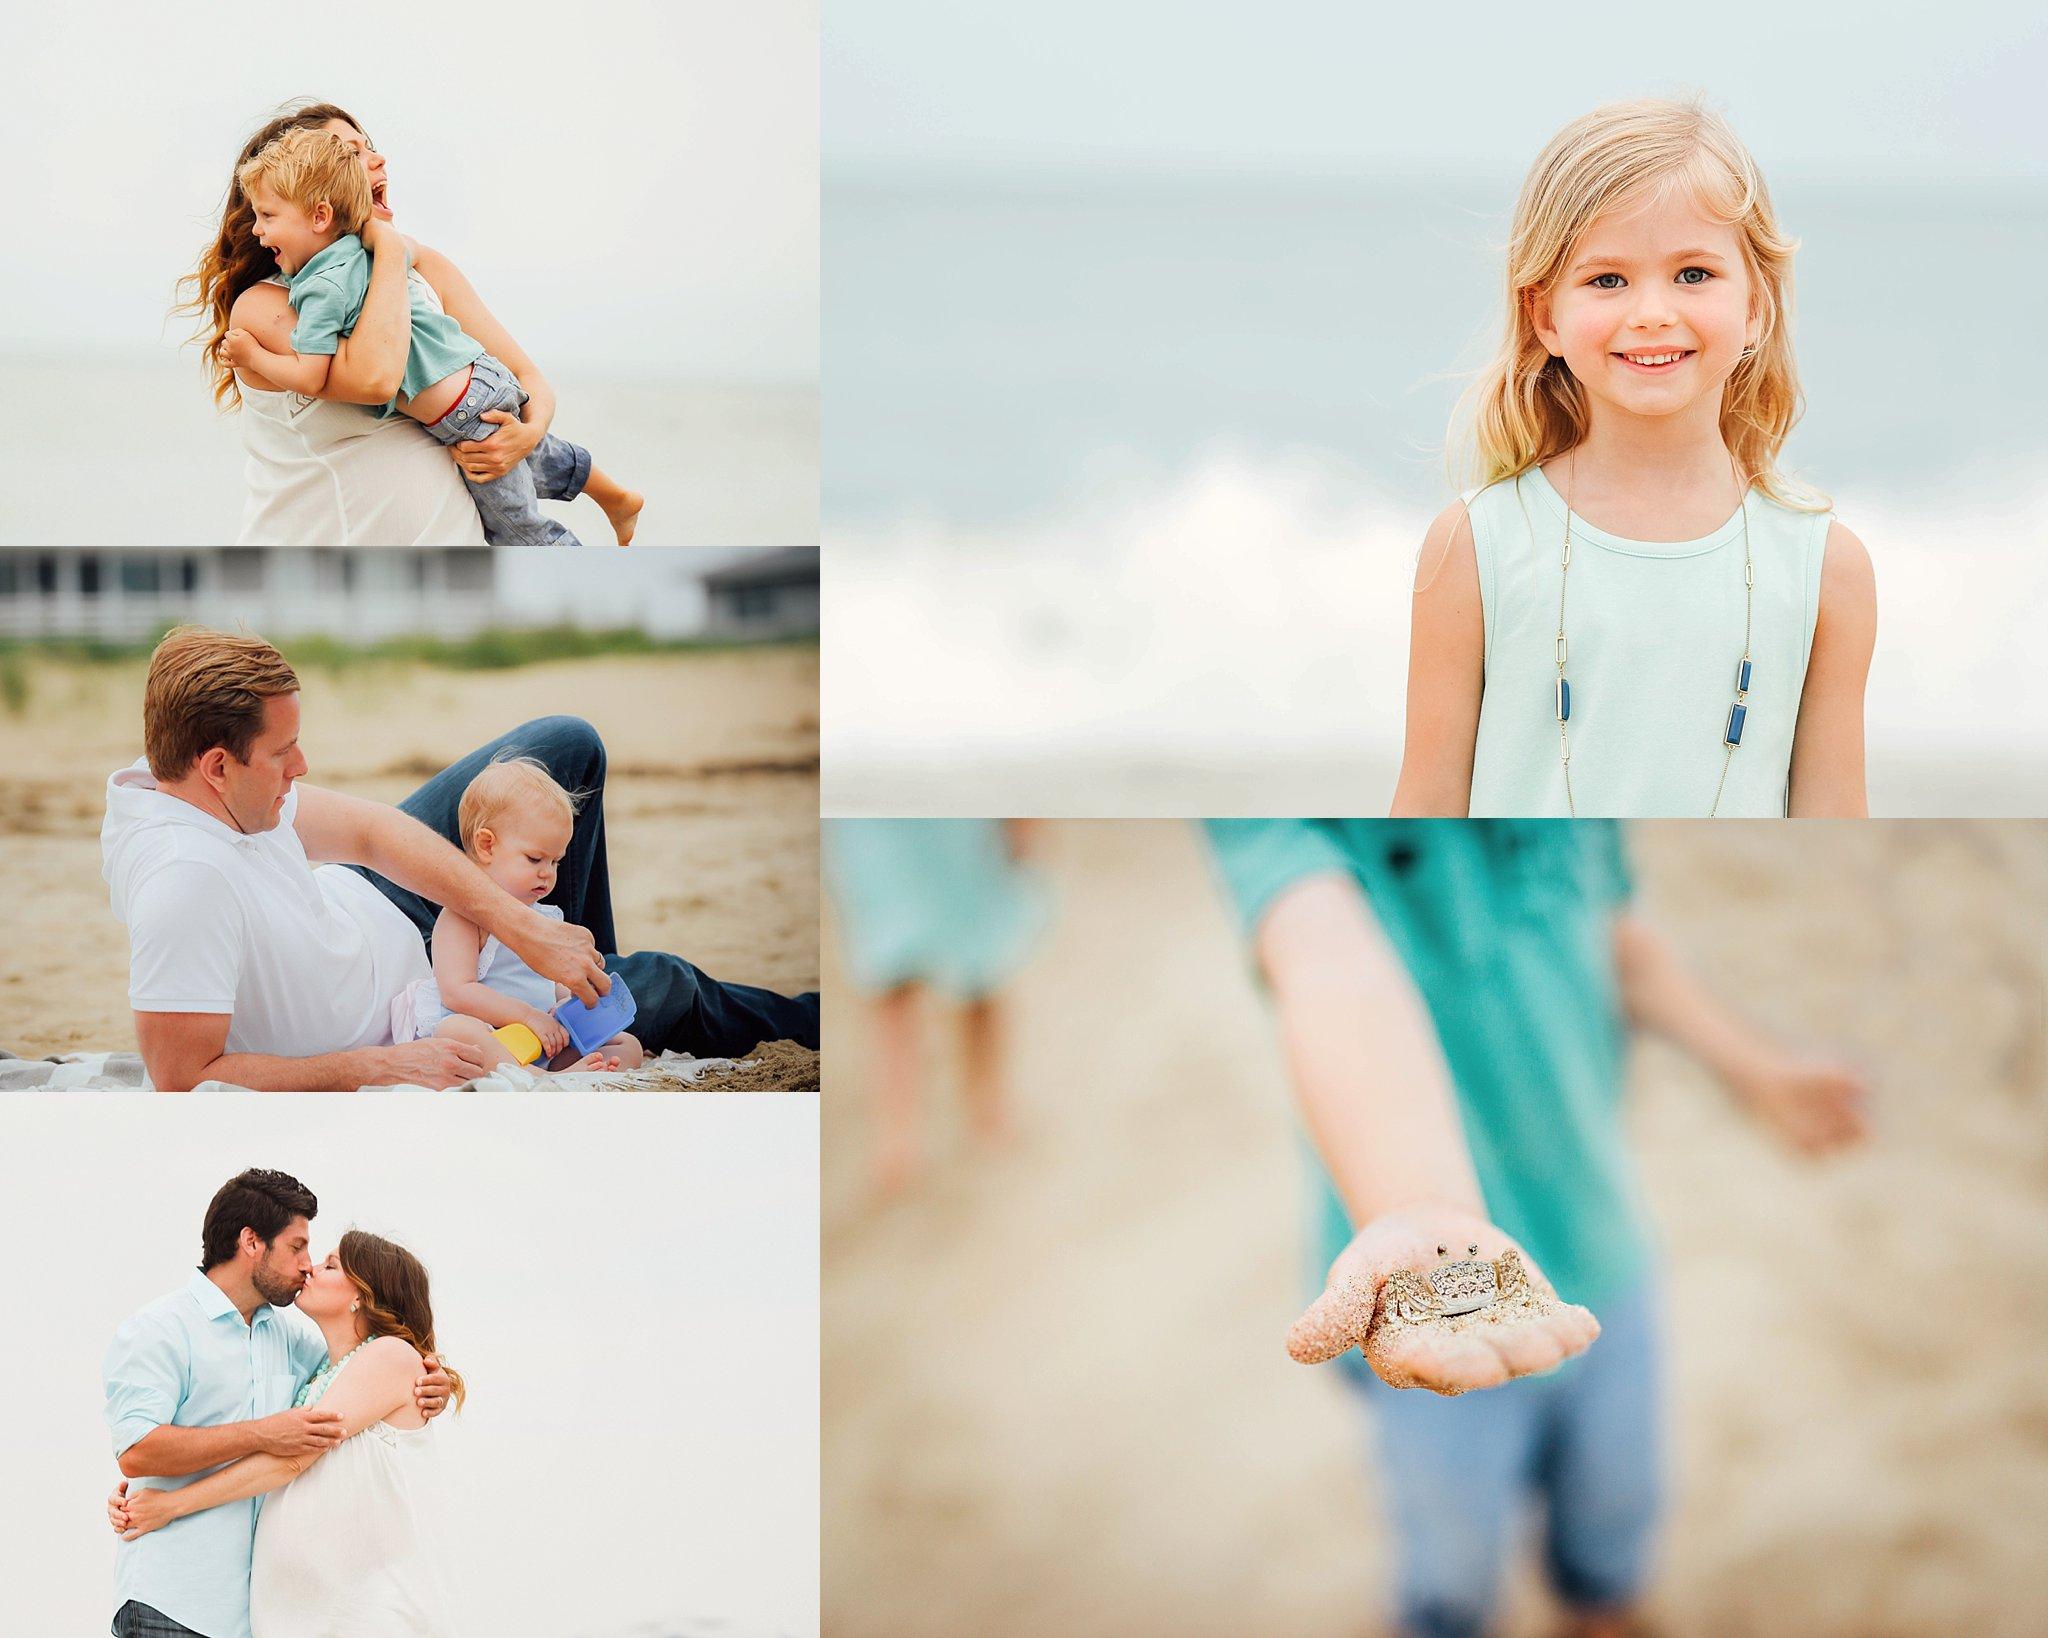 virginia-beach-photographers-melissa-bliss-photography-family-session-at-sandbridge-beach-3